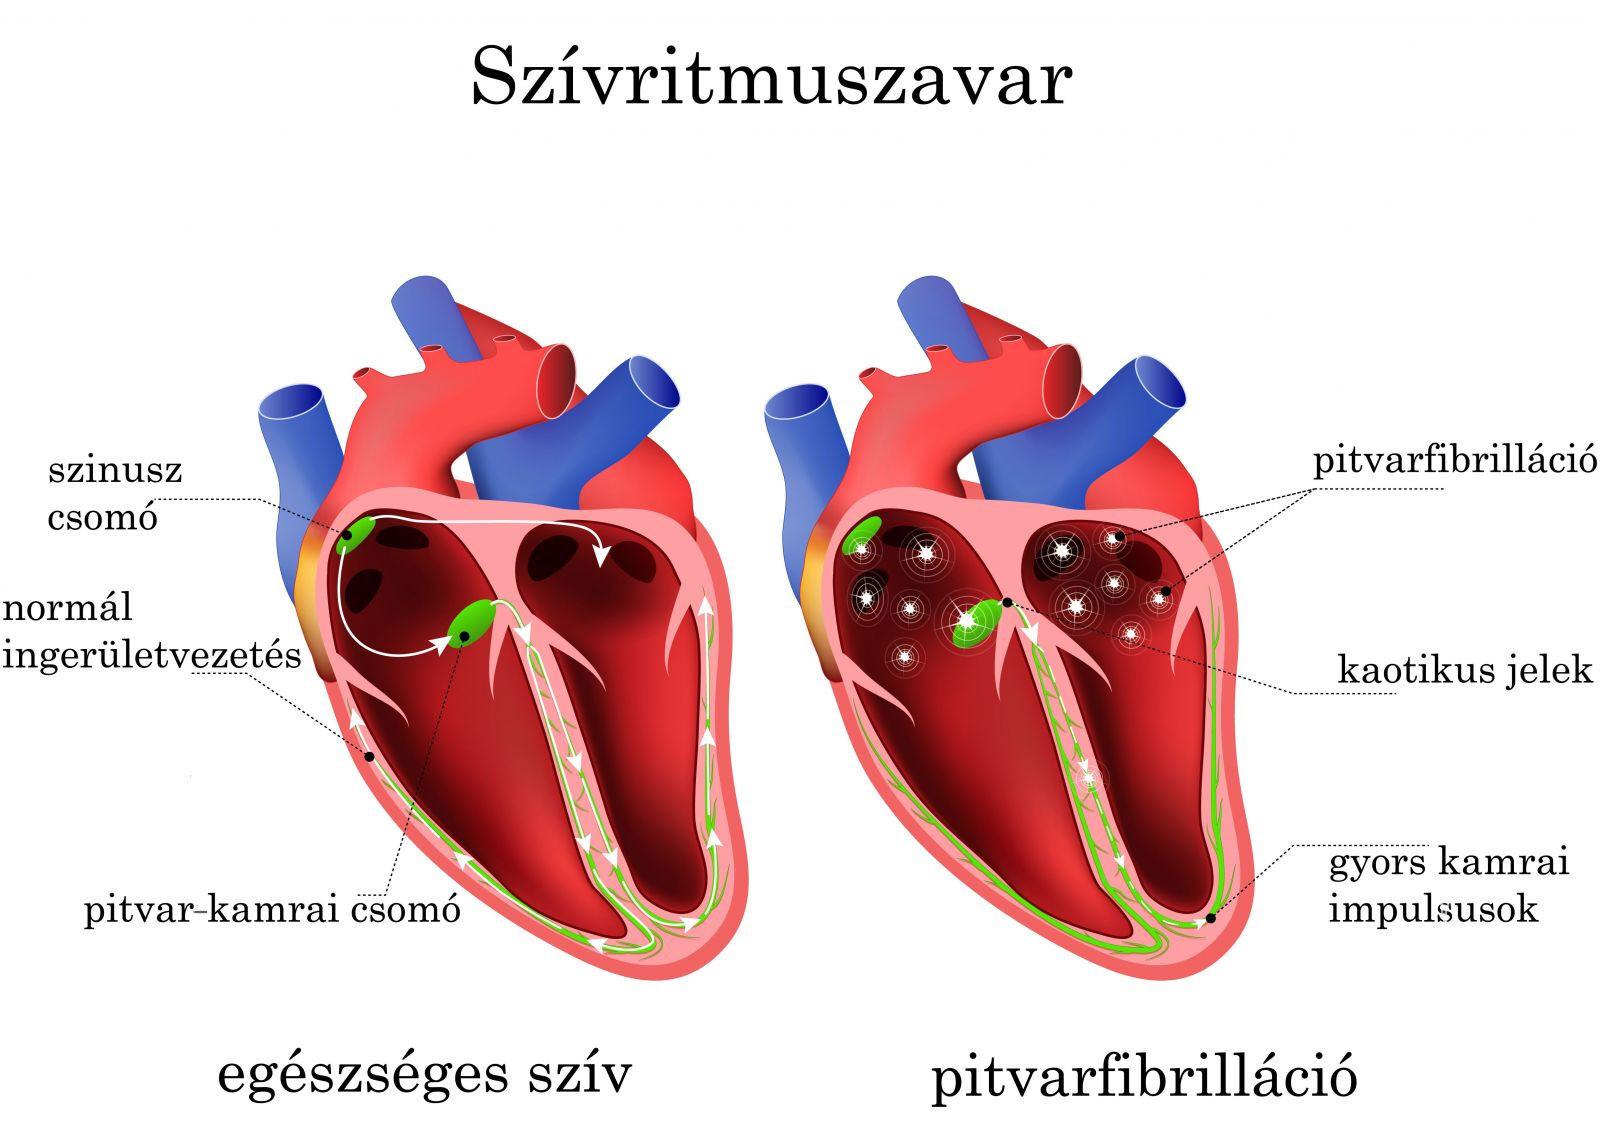 magas vérnyomás és szívritmuszavarok aritmiás kezelés magas vérnyomás esetén